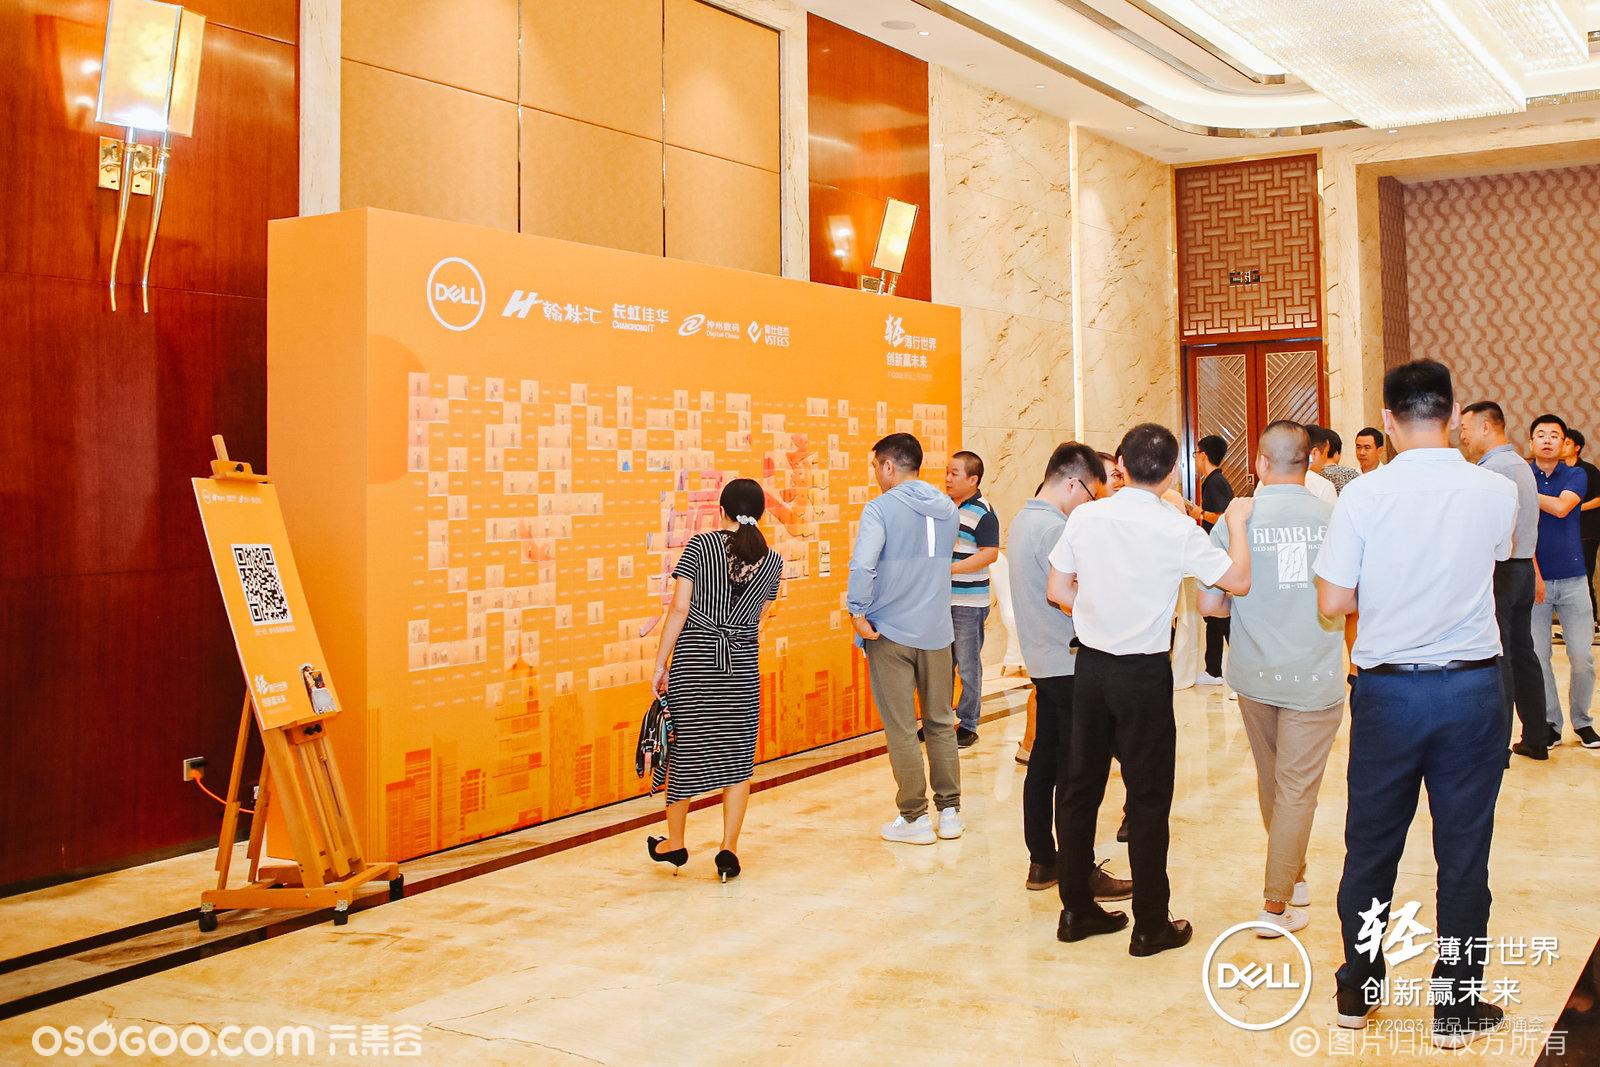 广州DELL新品上市沟通会蒙太奇拼图马赛克签到主题墙